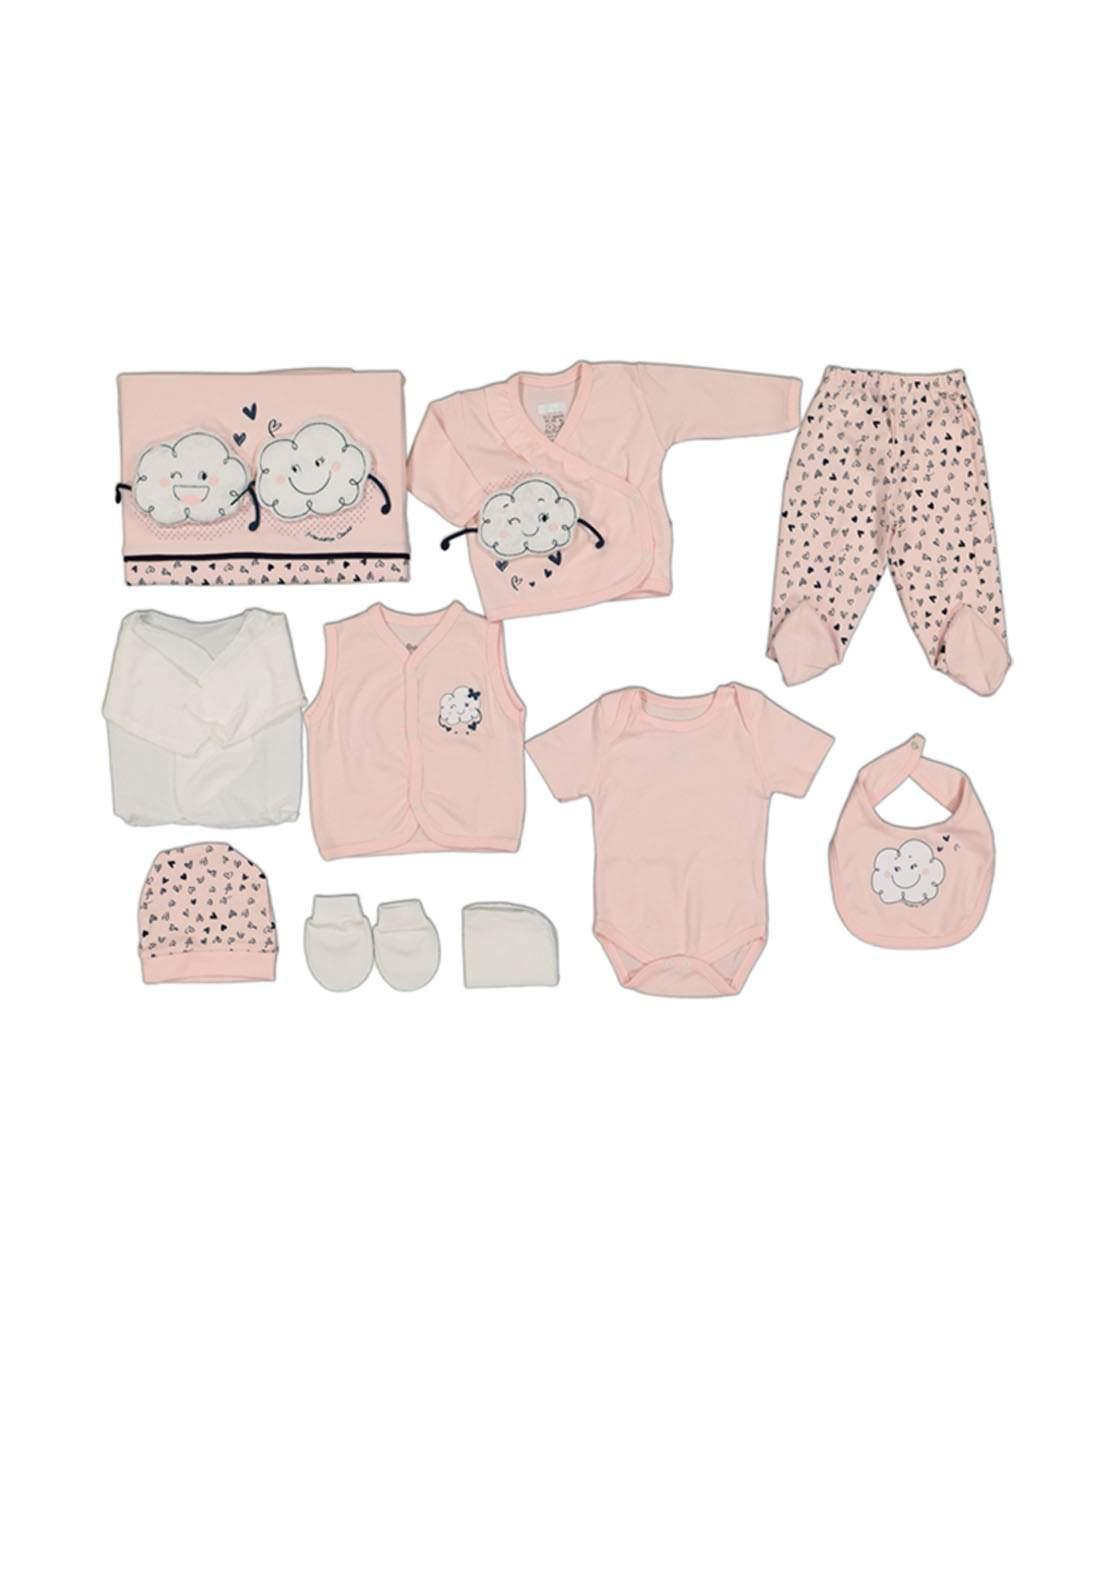 سيت للأطفال حديثي الولادة ابيض ووردي اللون